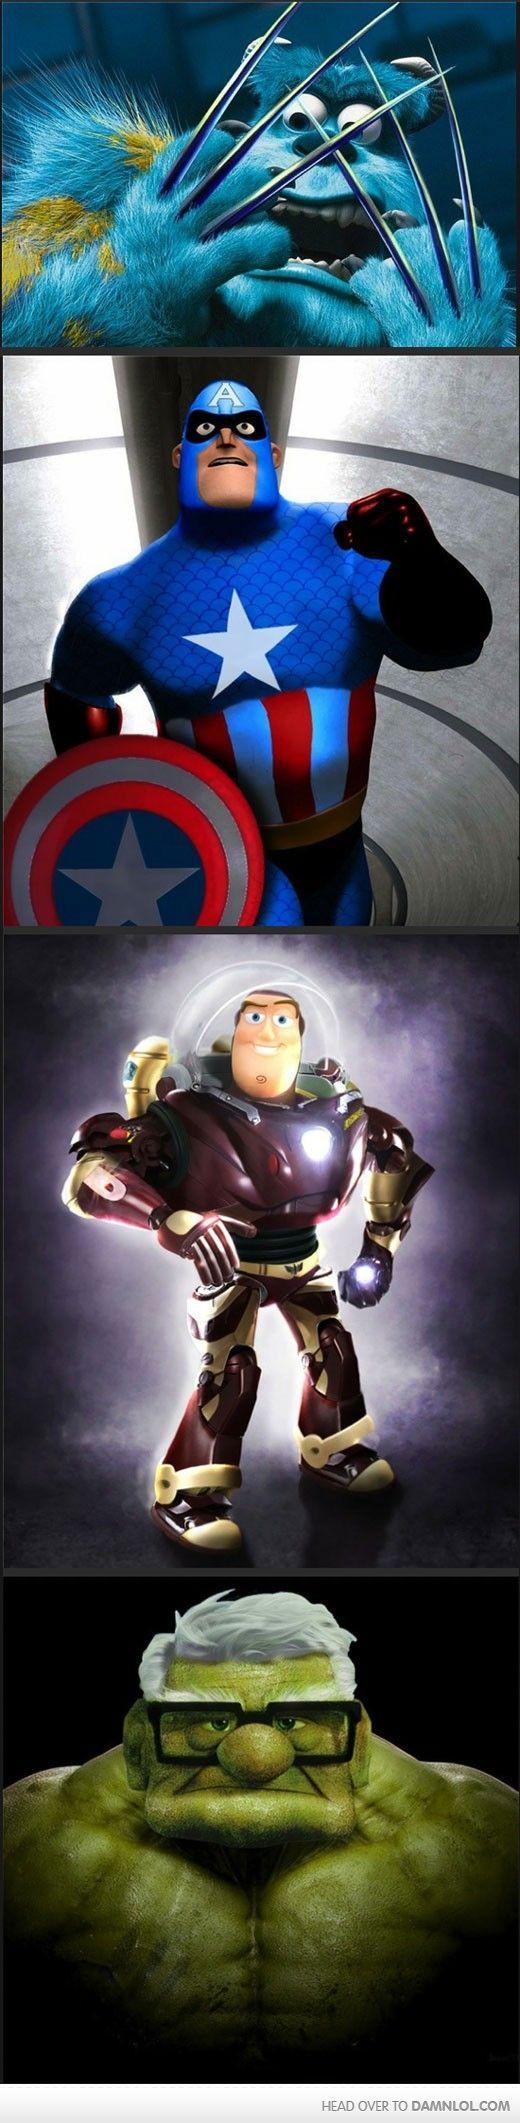 Pixar superheroes....